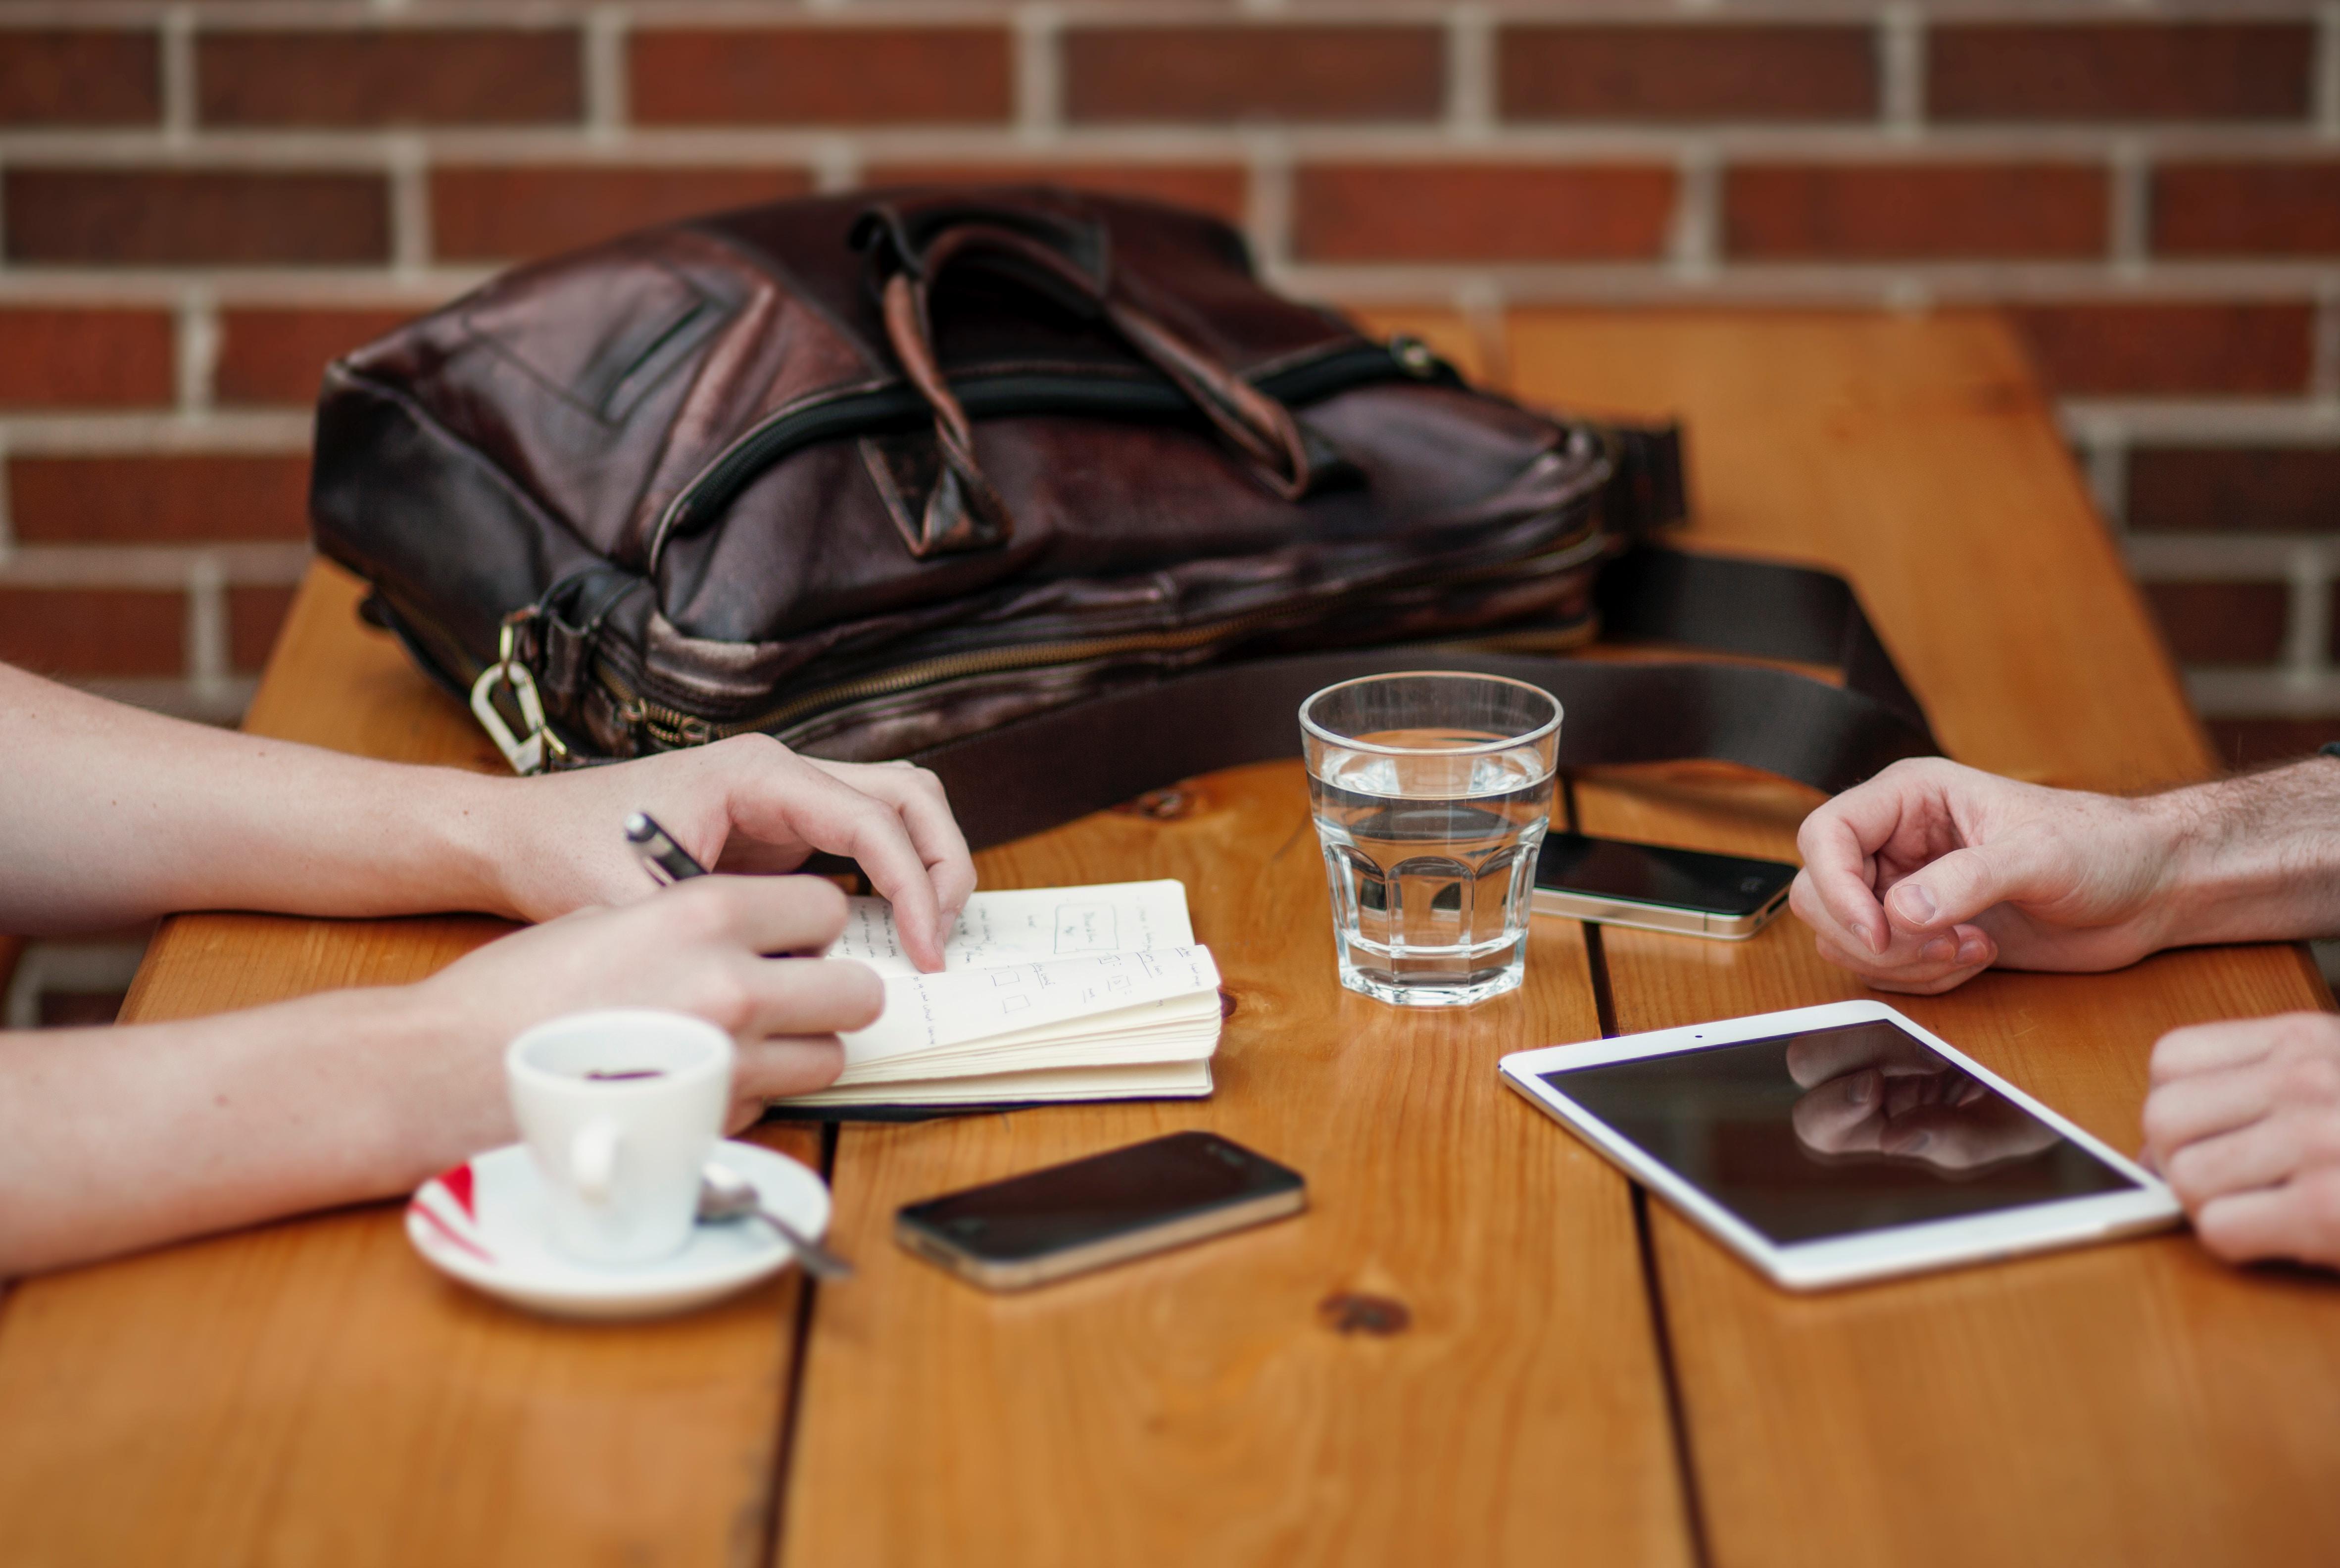 digital nomads meeting